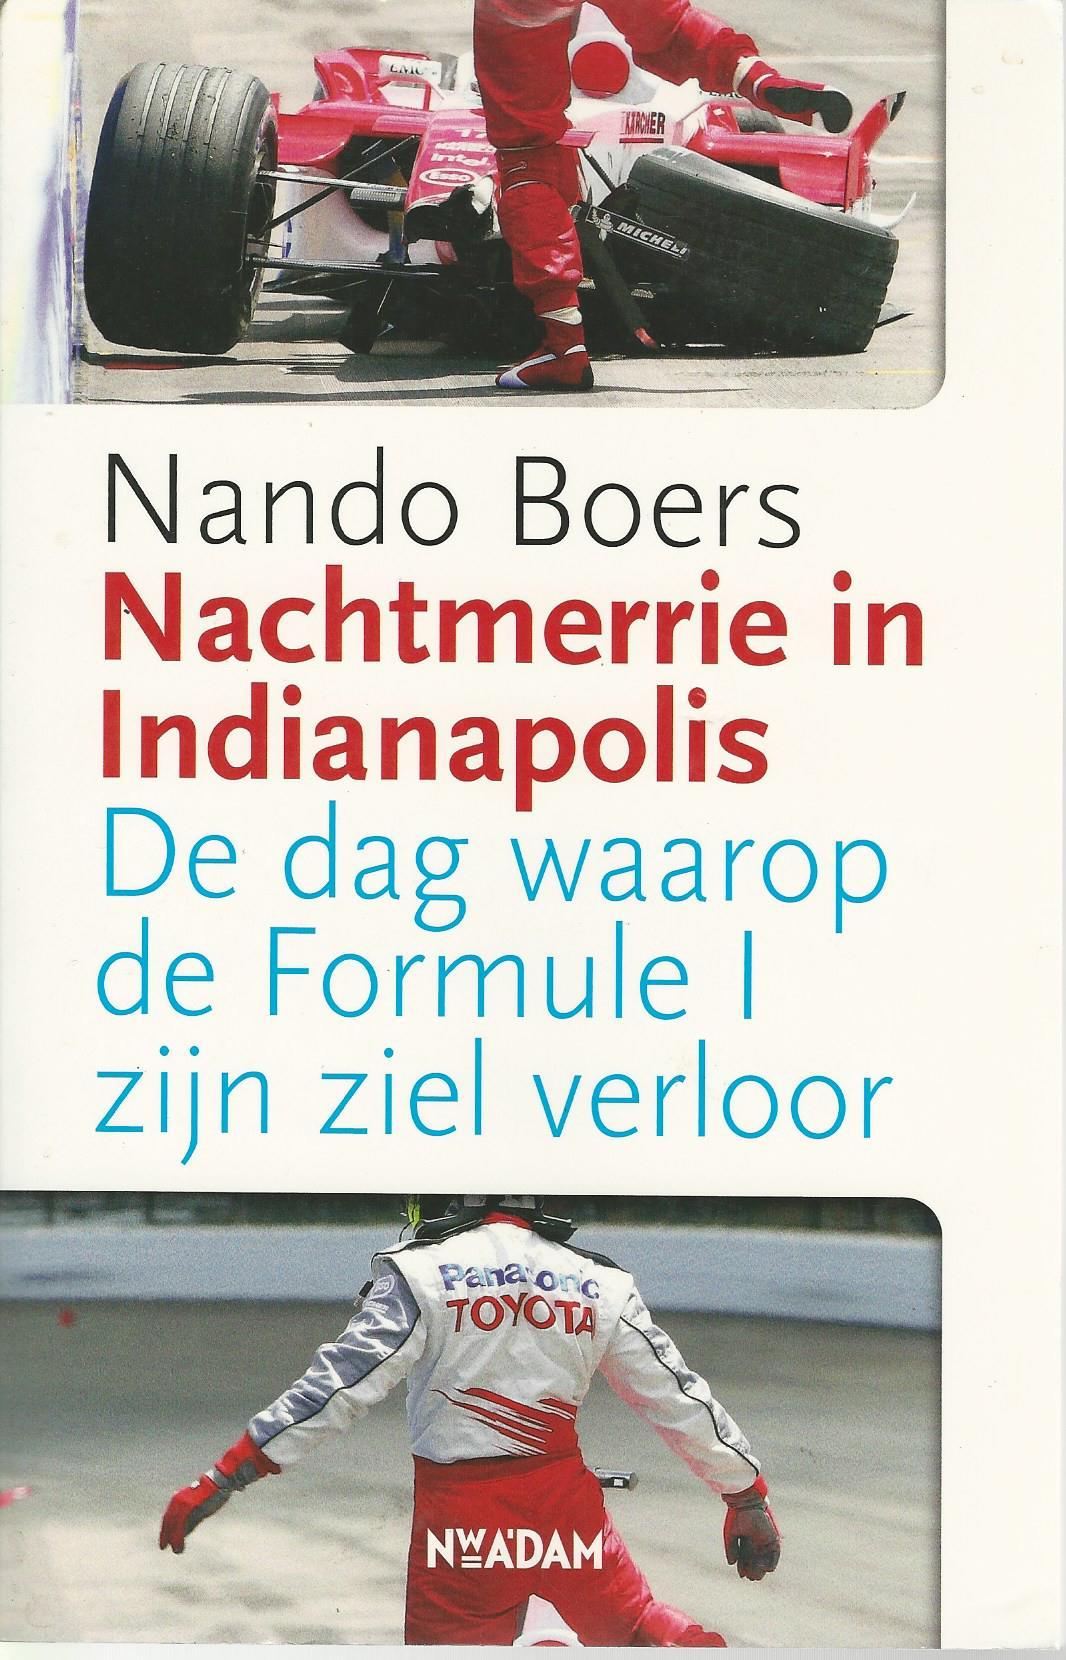 BOERS, NANDO - Nachtmerrie in Indianapolis -De dag waarop de Formule 1 zijn ziel verloor